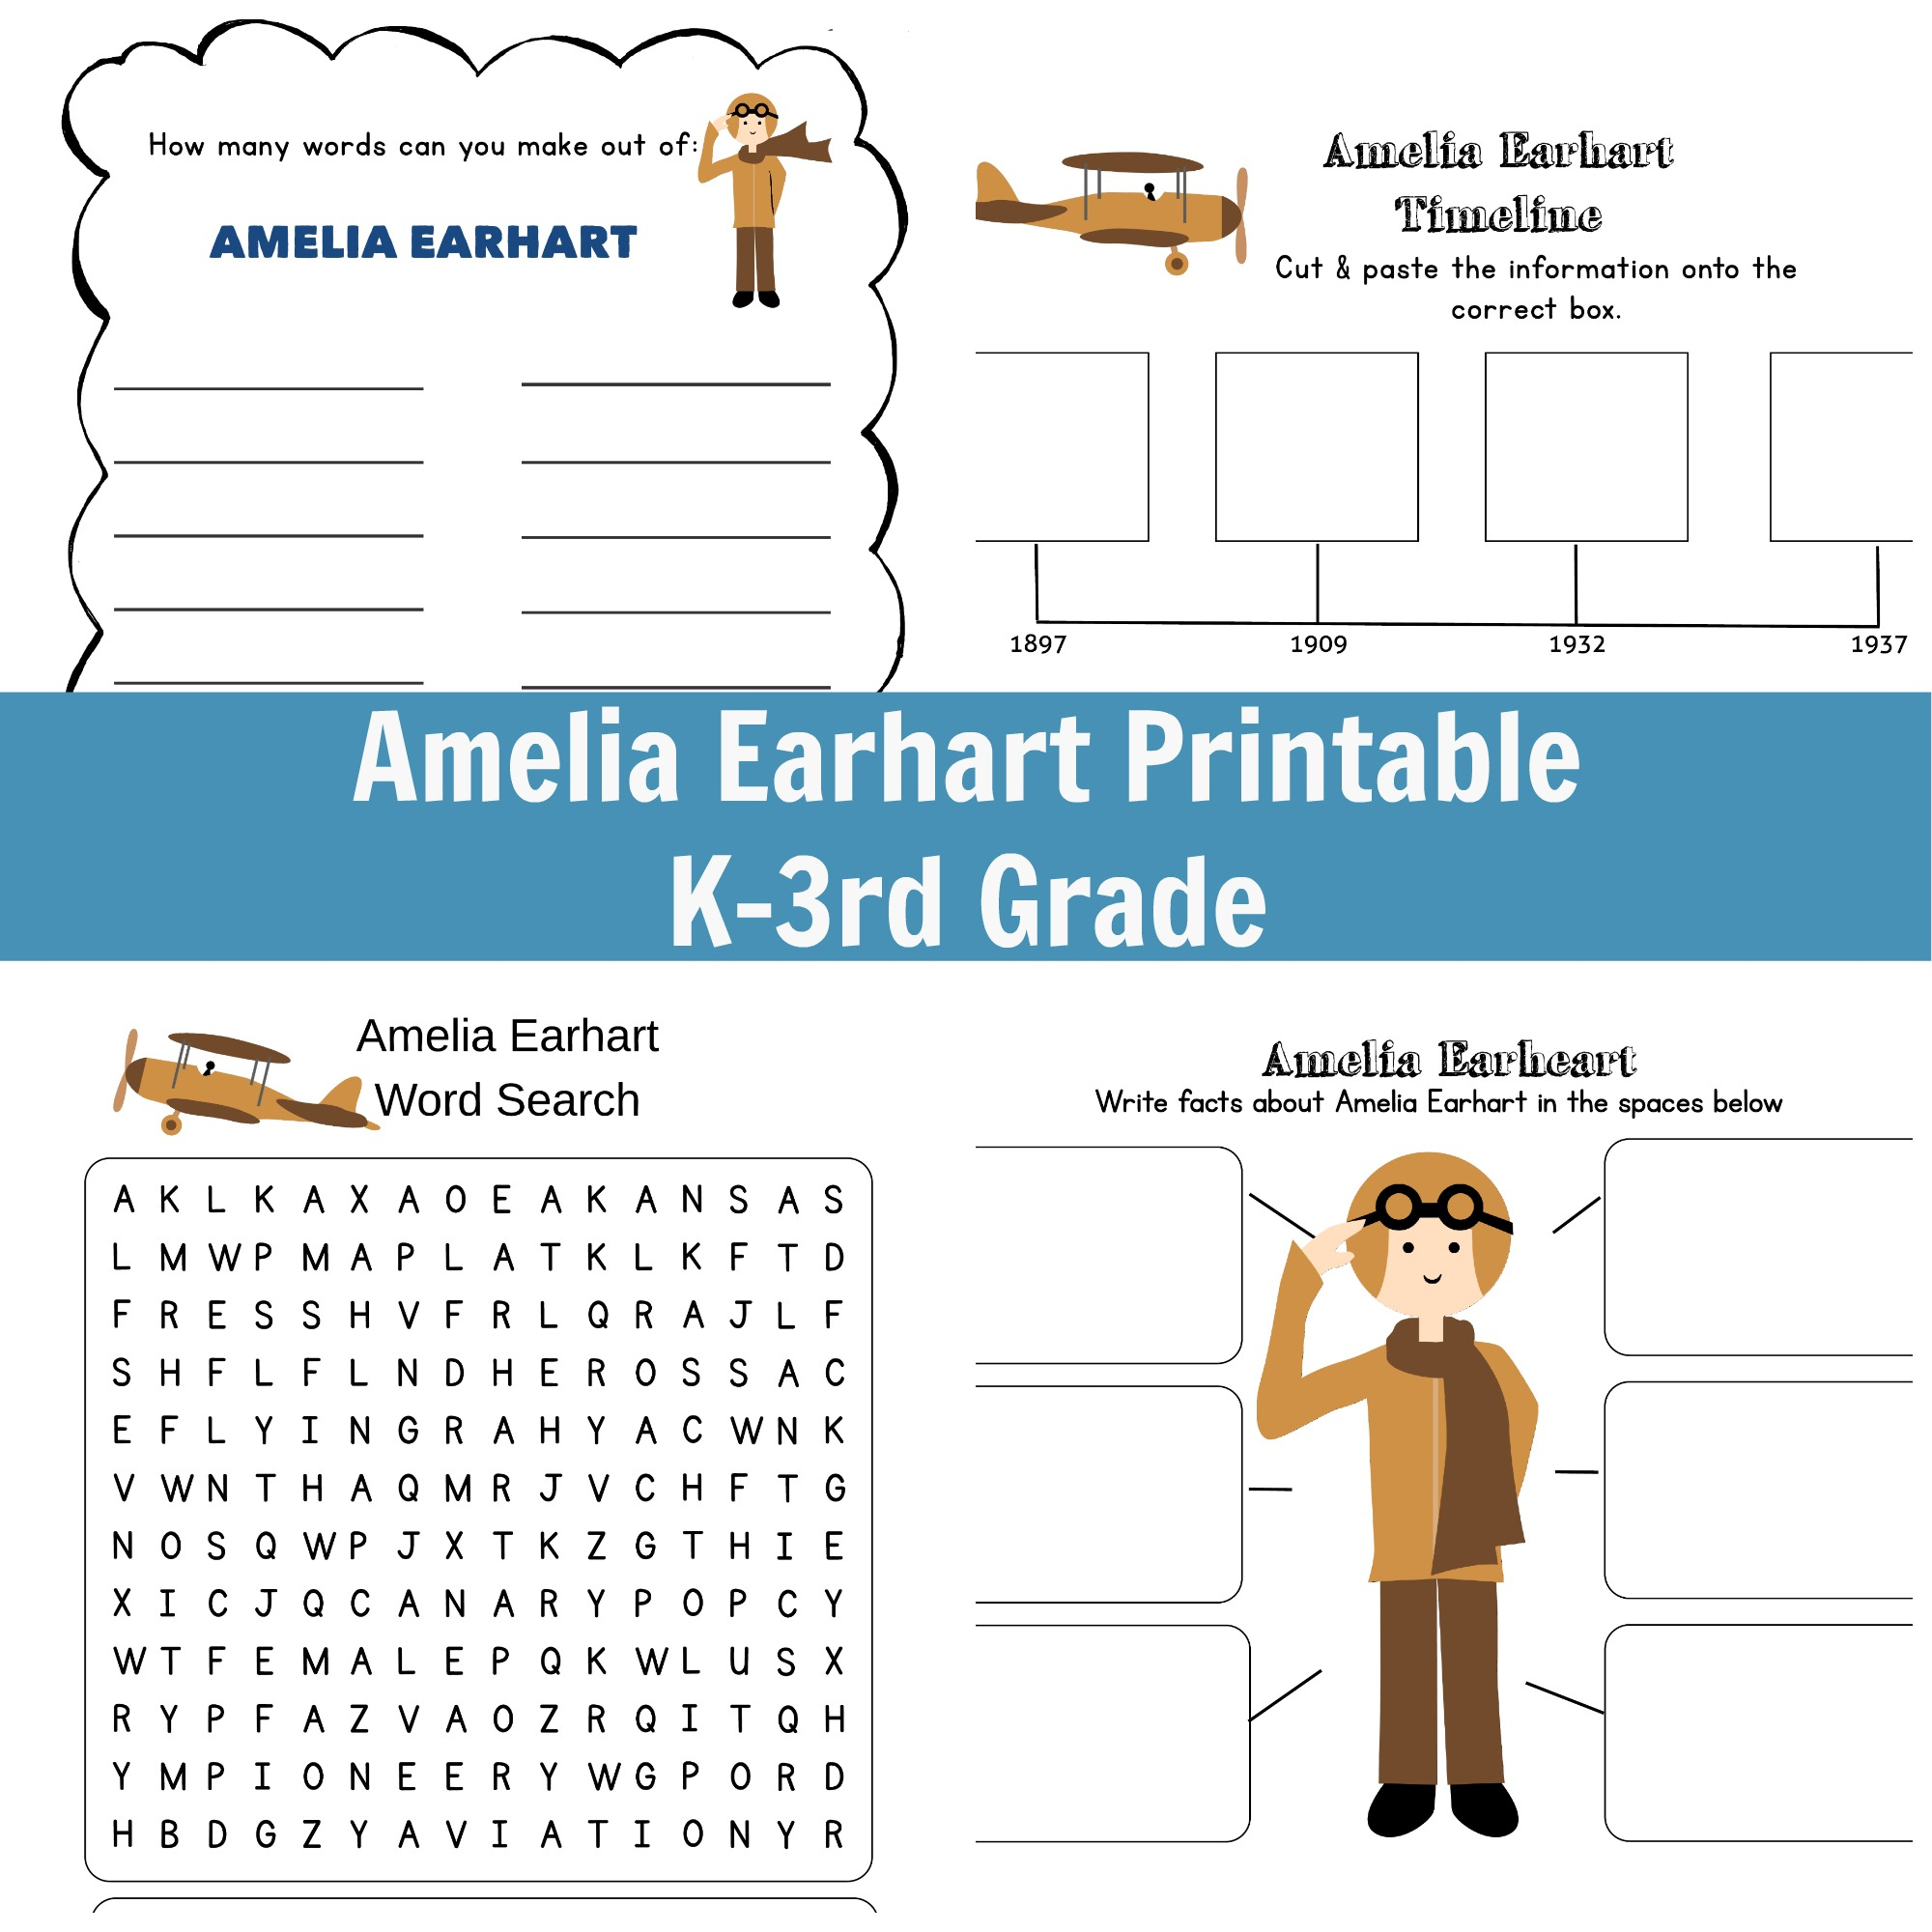 Amelia Earhart Printable - Grades K-3 | Amelia Earhart Free Worksheets Printable